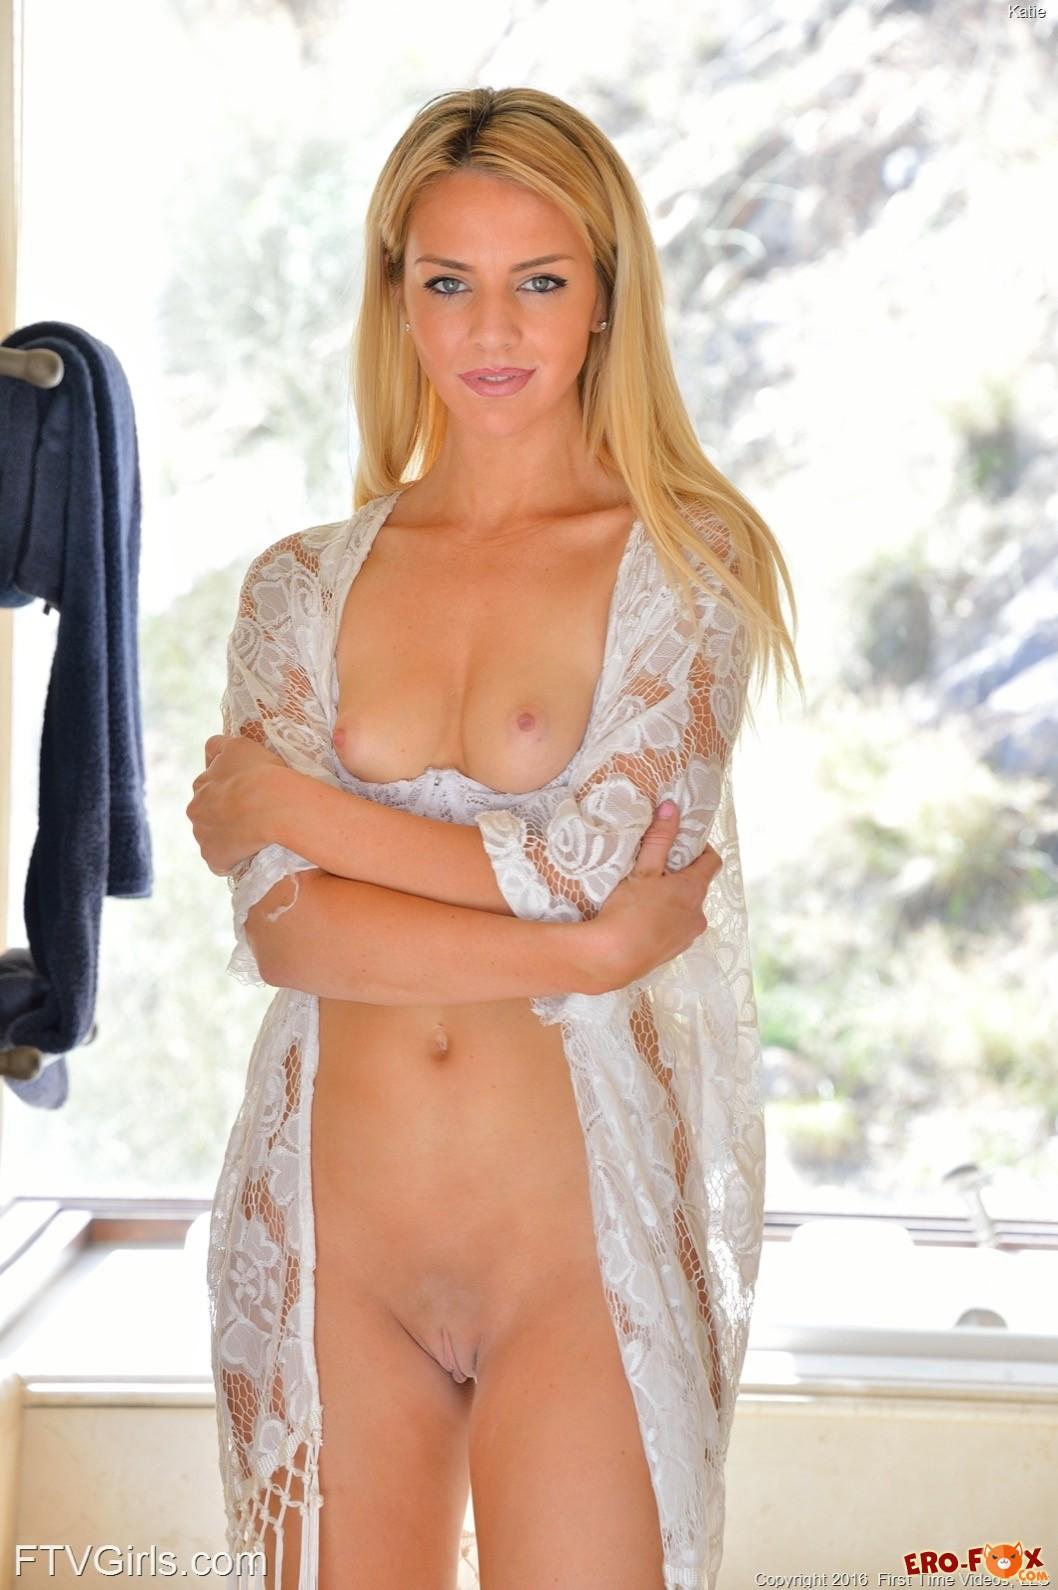 Спортивная блондинка показывает голую письку